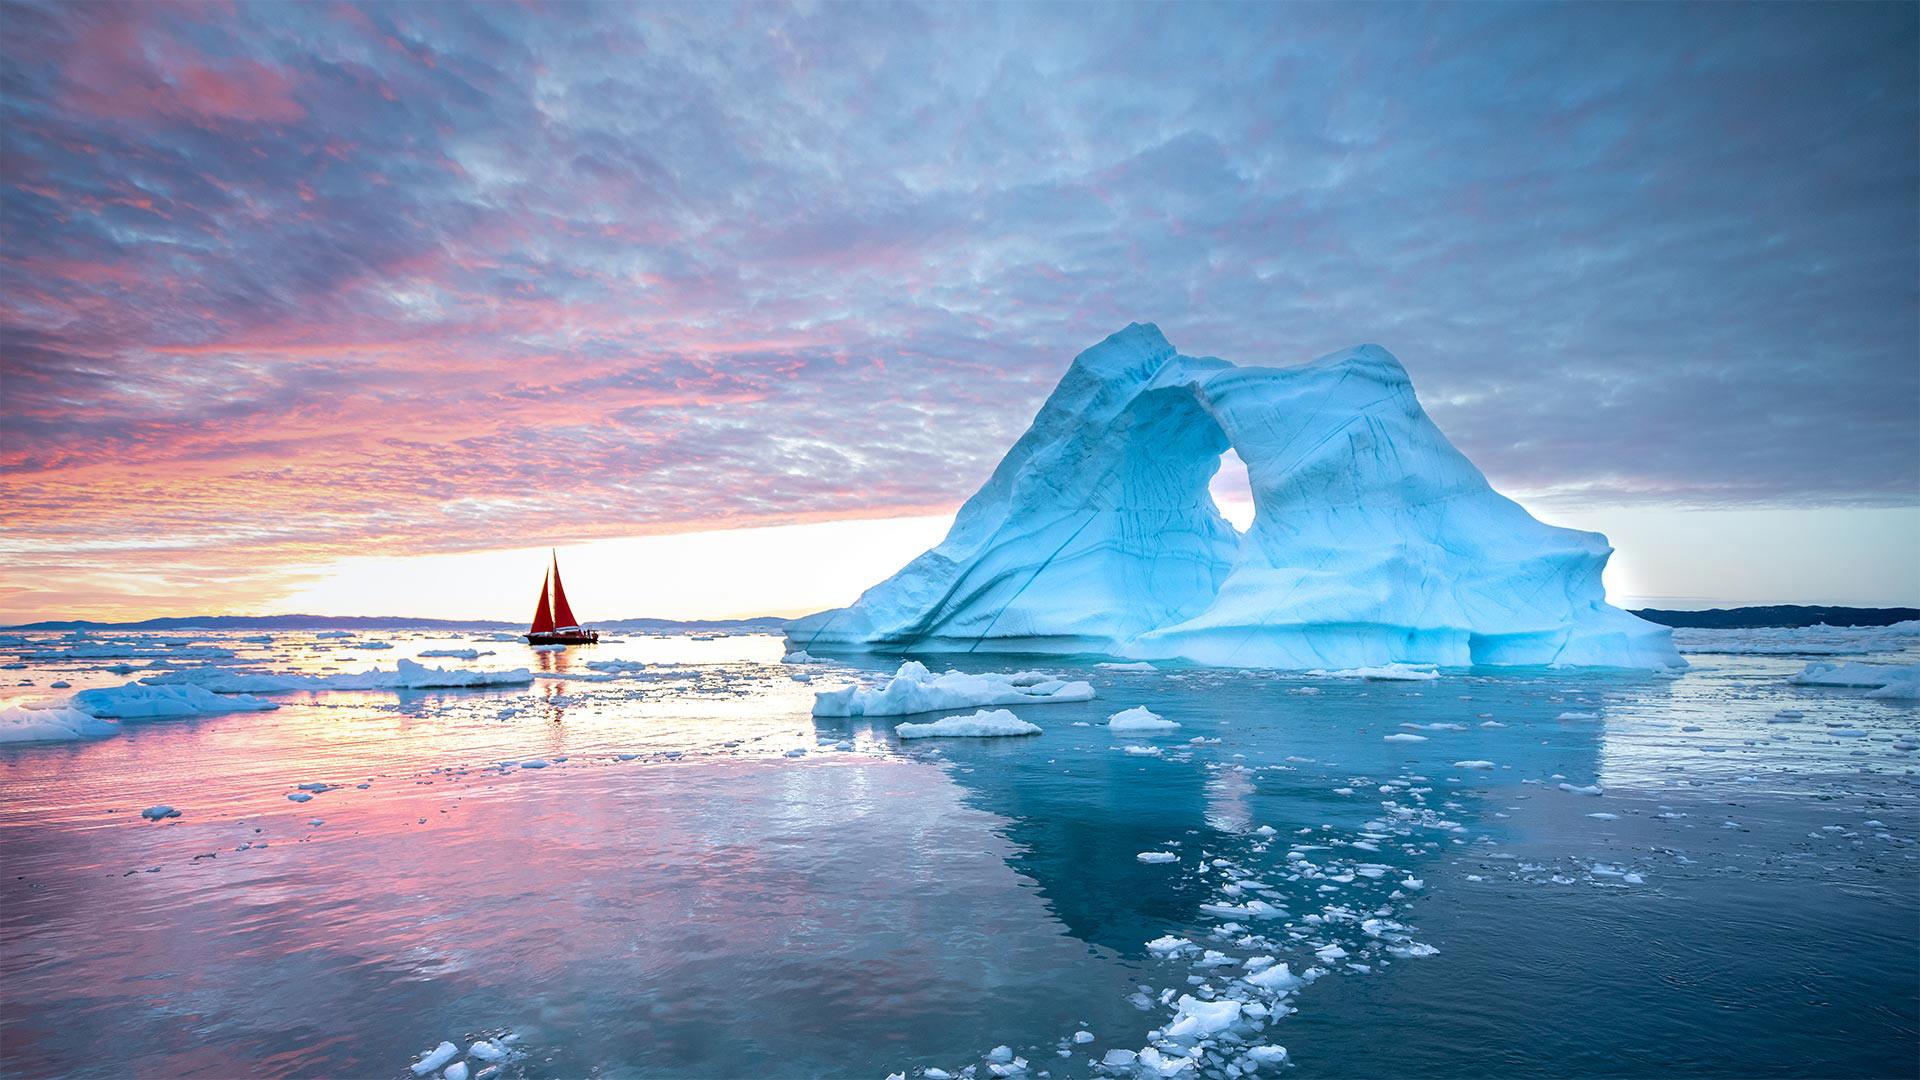 迪斯科湾,格陵兰岛伊卢利萨特